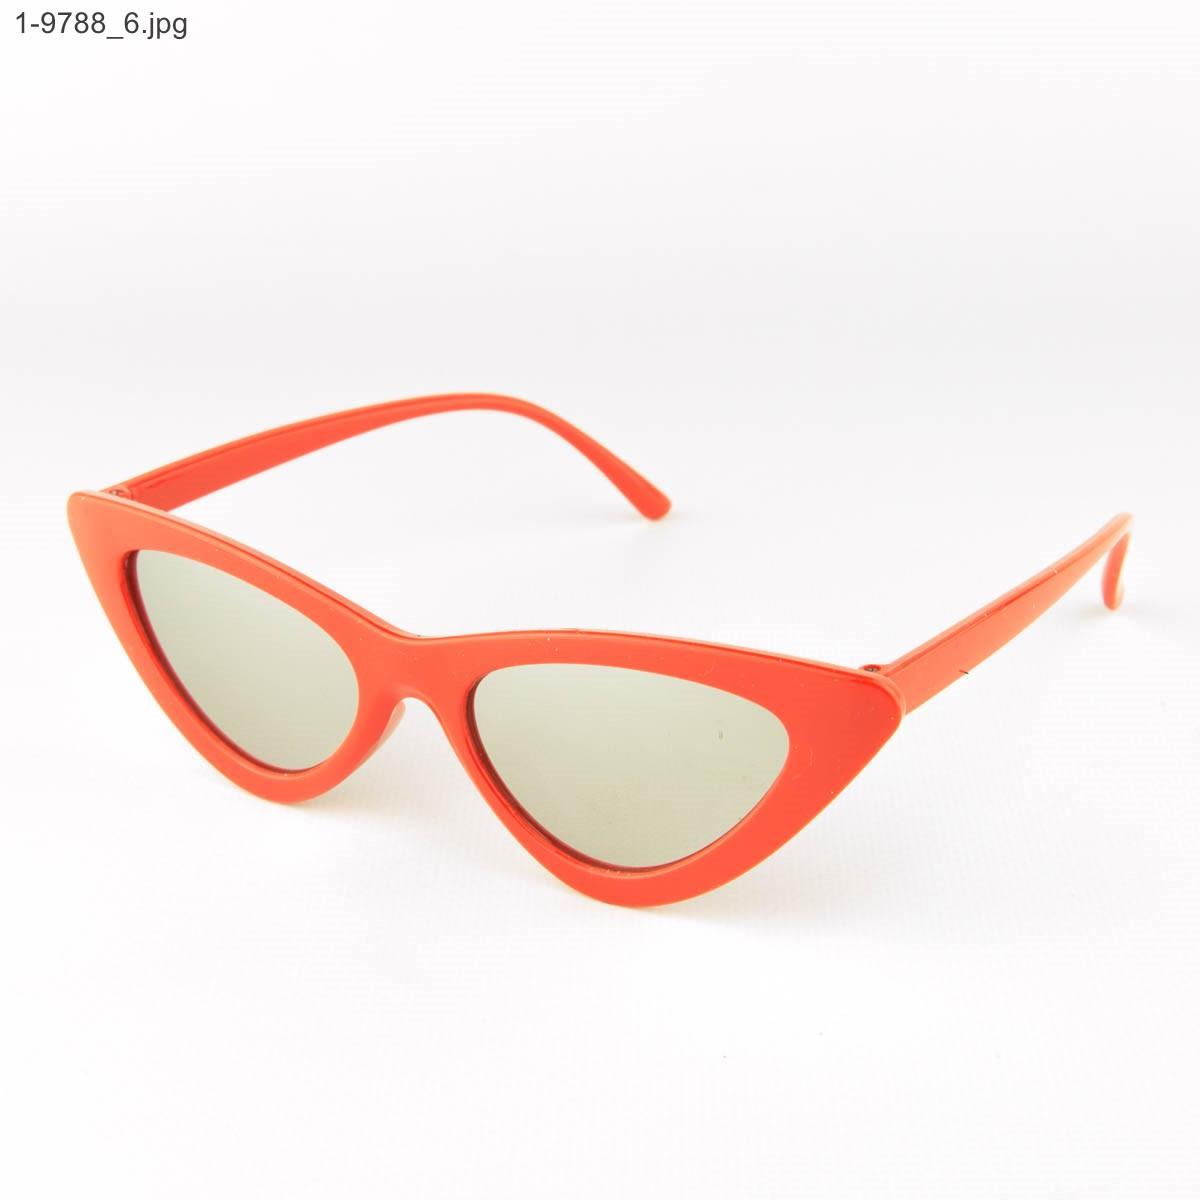 Оптом зеркальные солнцезащитные женские очки кошачий глаз - Красные - 1-9788